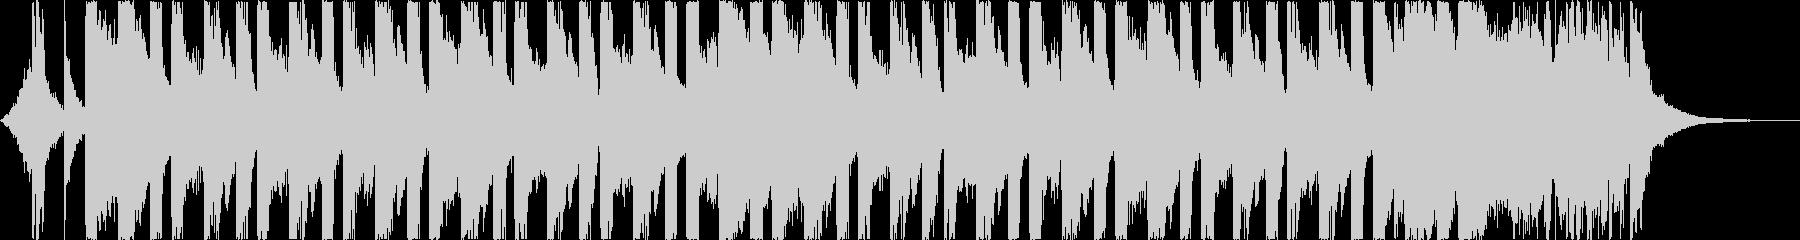 おしゃれ洋楽トラップヒップホップレゲエcの未再生の波形